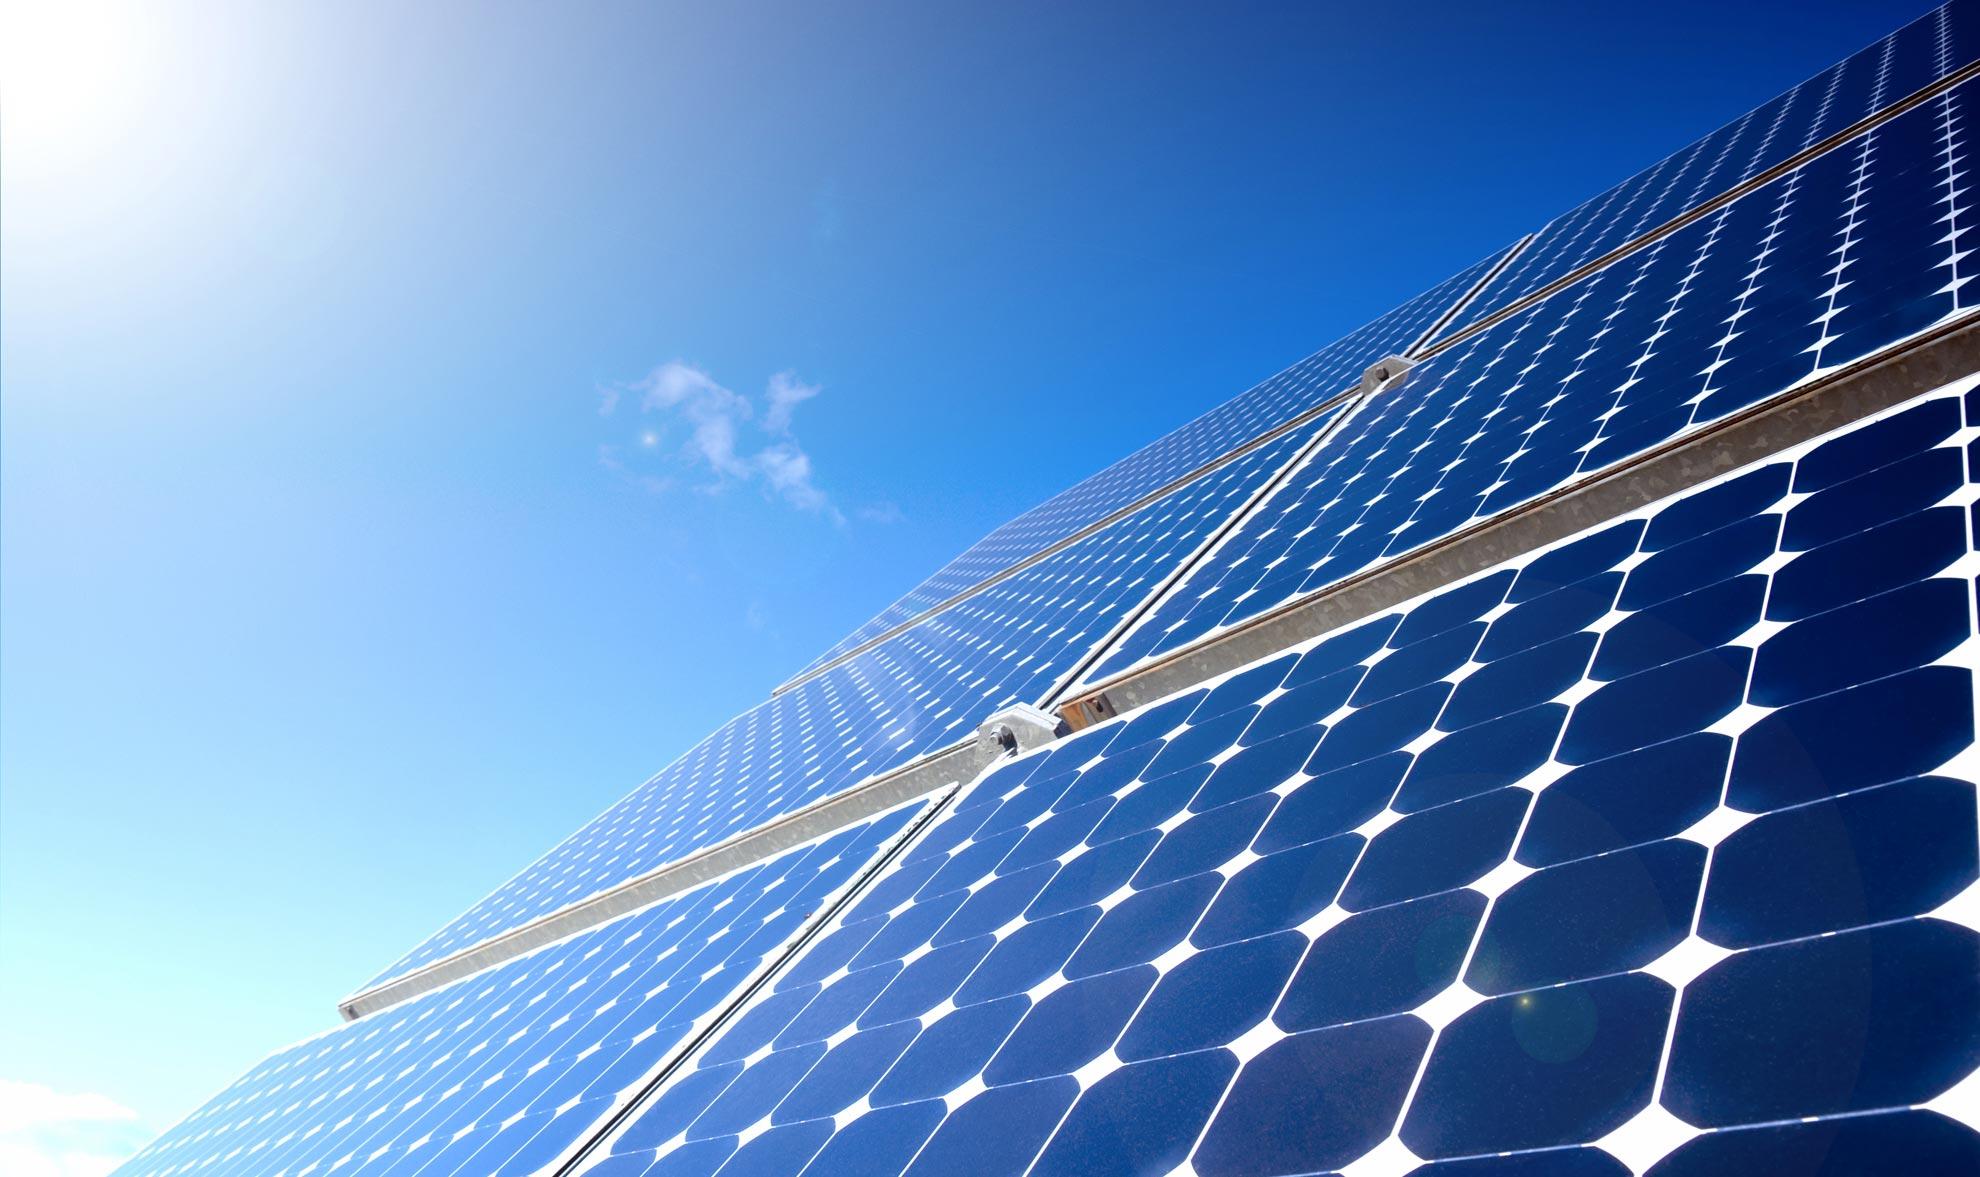 Pannello Solare Fotovoltaico Flessibile : Fotovoltaico del futuro dall italia arriva l innovazione